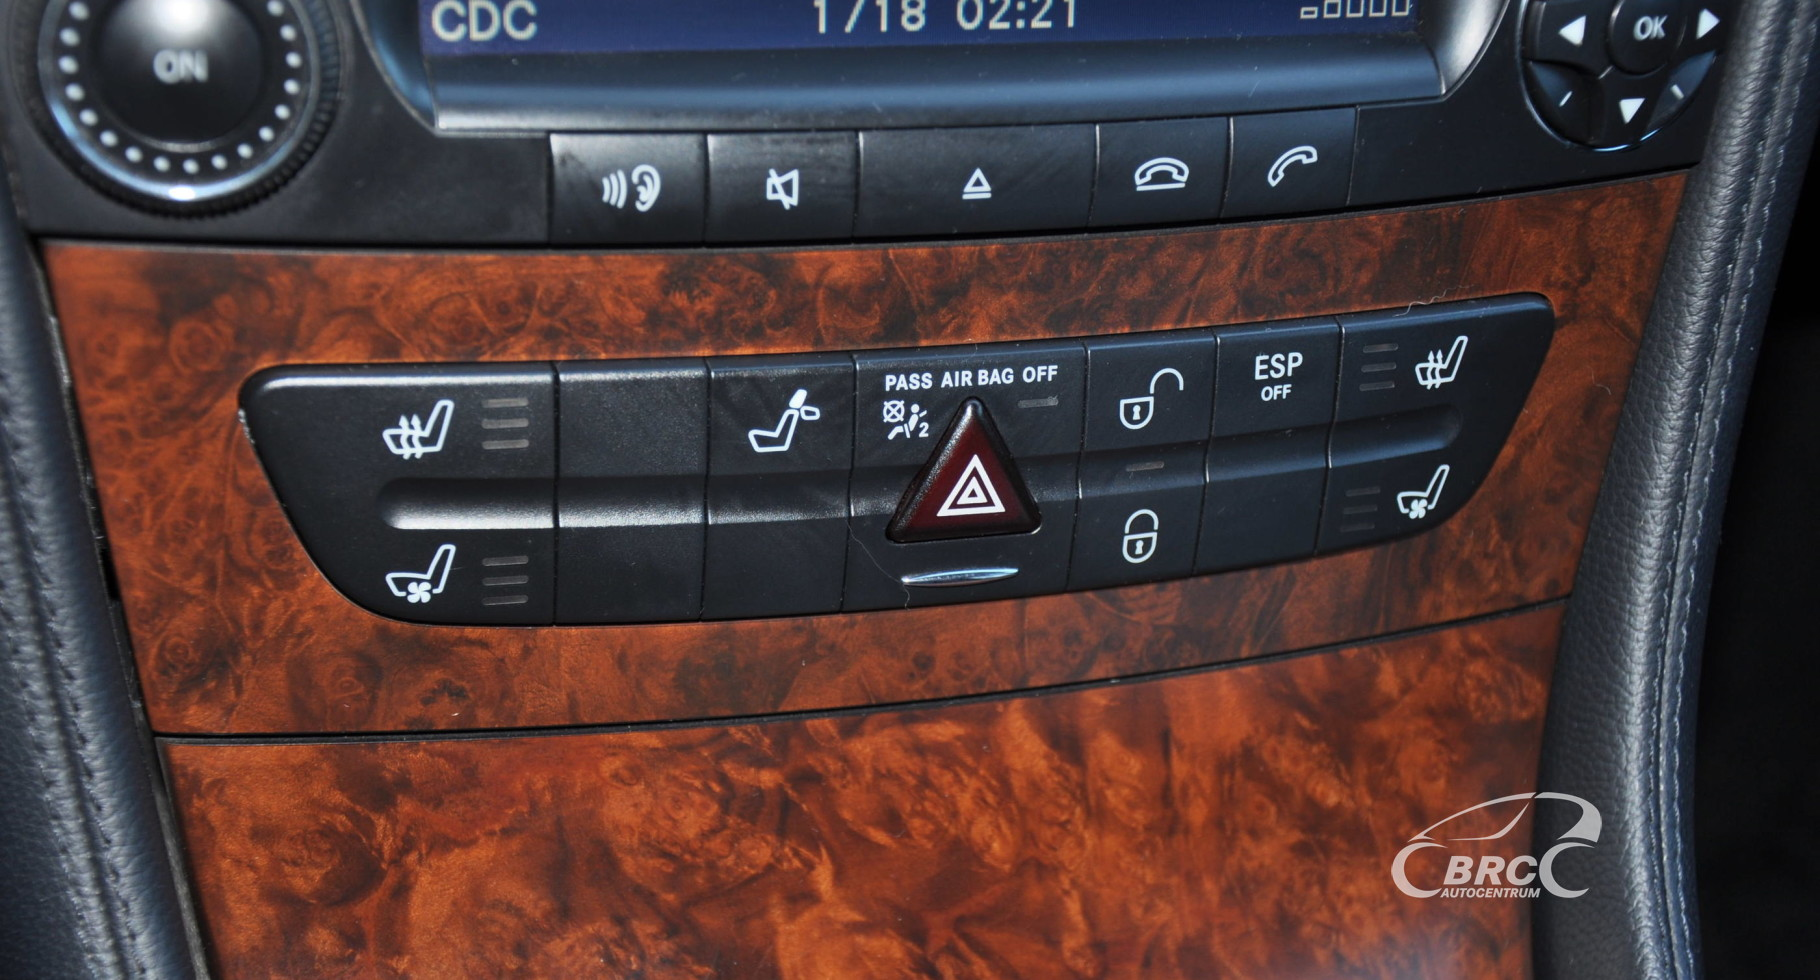 Mercedes-Benz CLS 500 Automatas